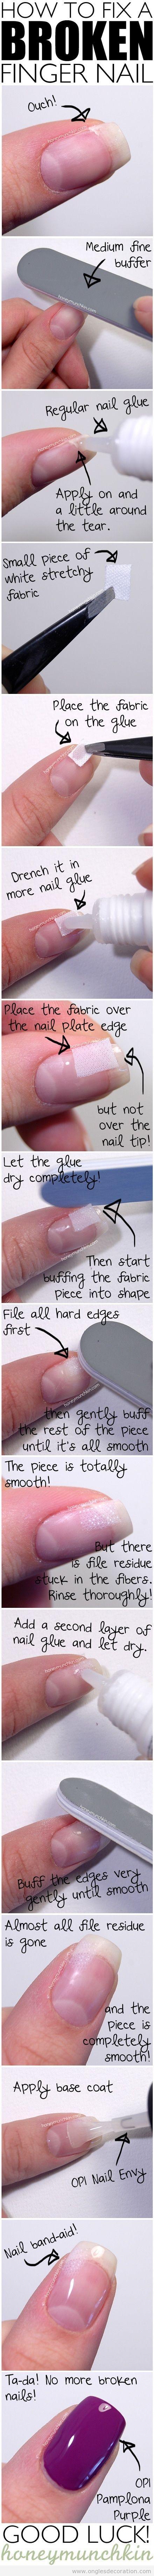 Tuto réparer ongle cassé